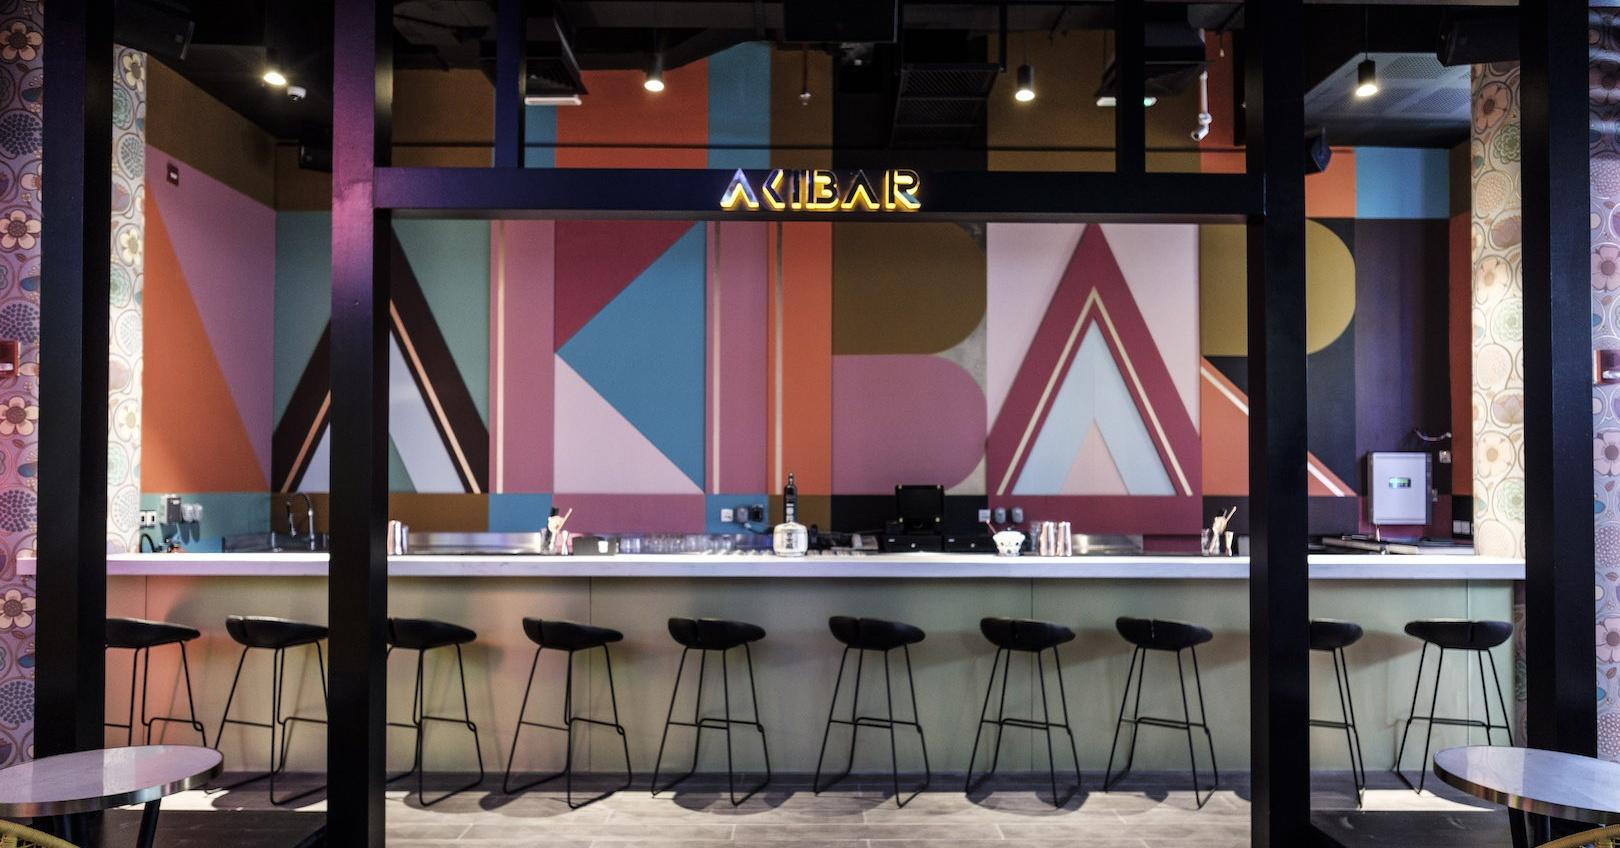 New restaurant called Akiba Dori in D3 Dubai